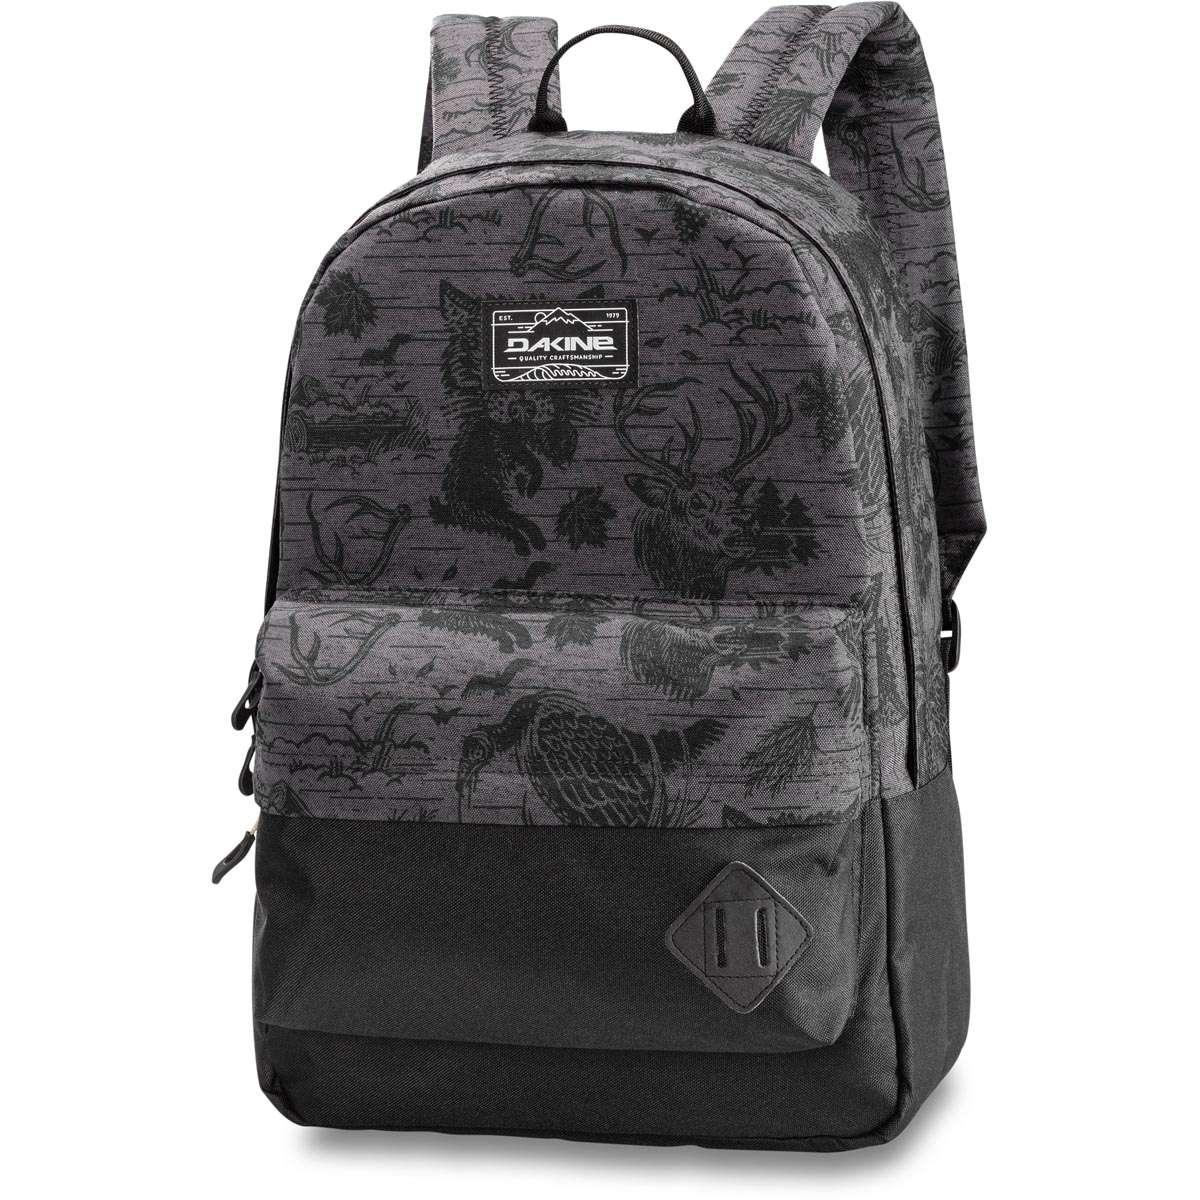 3f66478935 Dakine 365 Pack 21L Backpack Watts